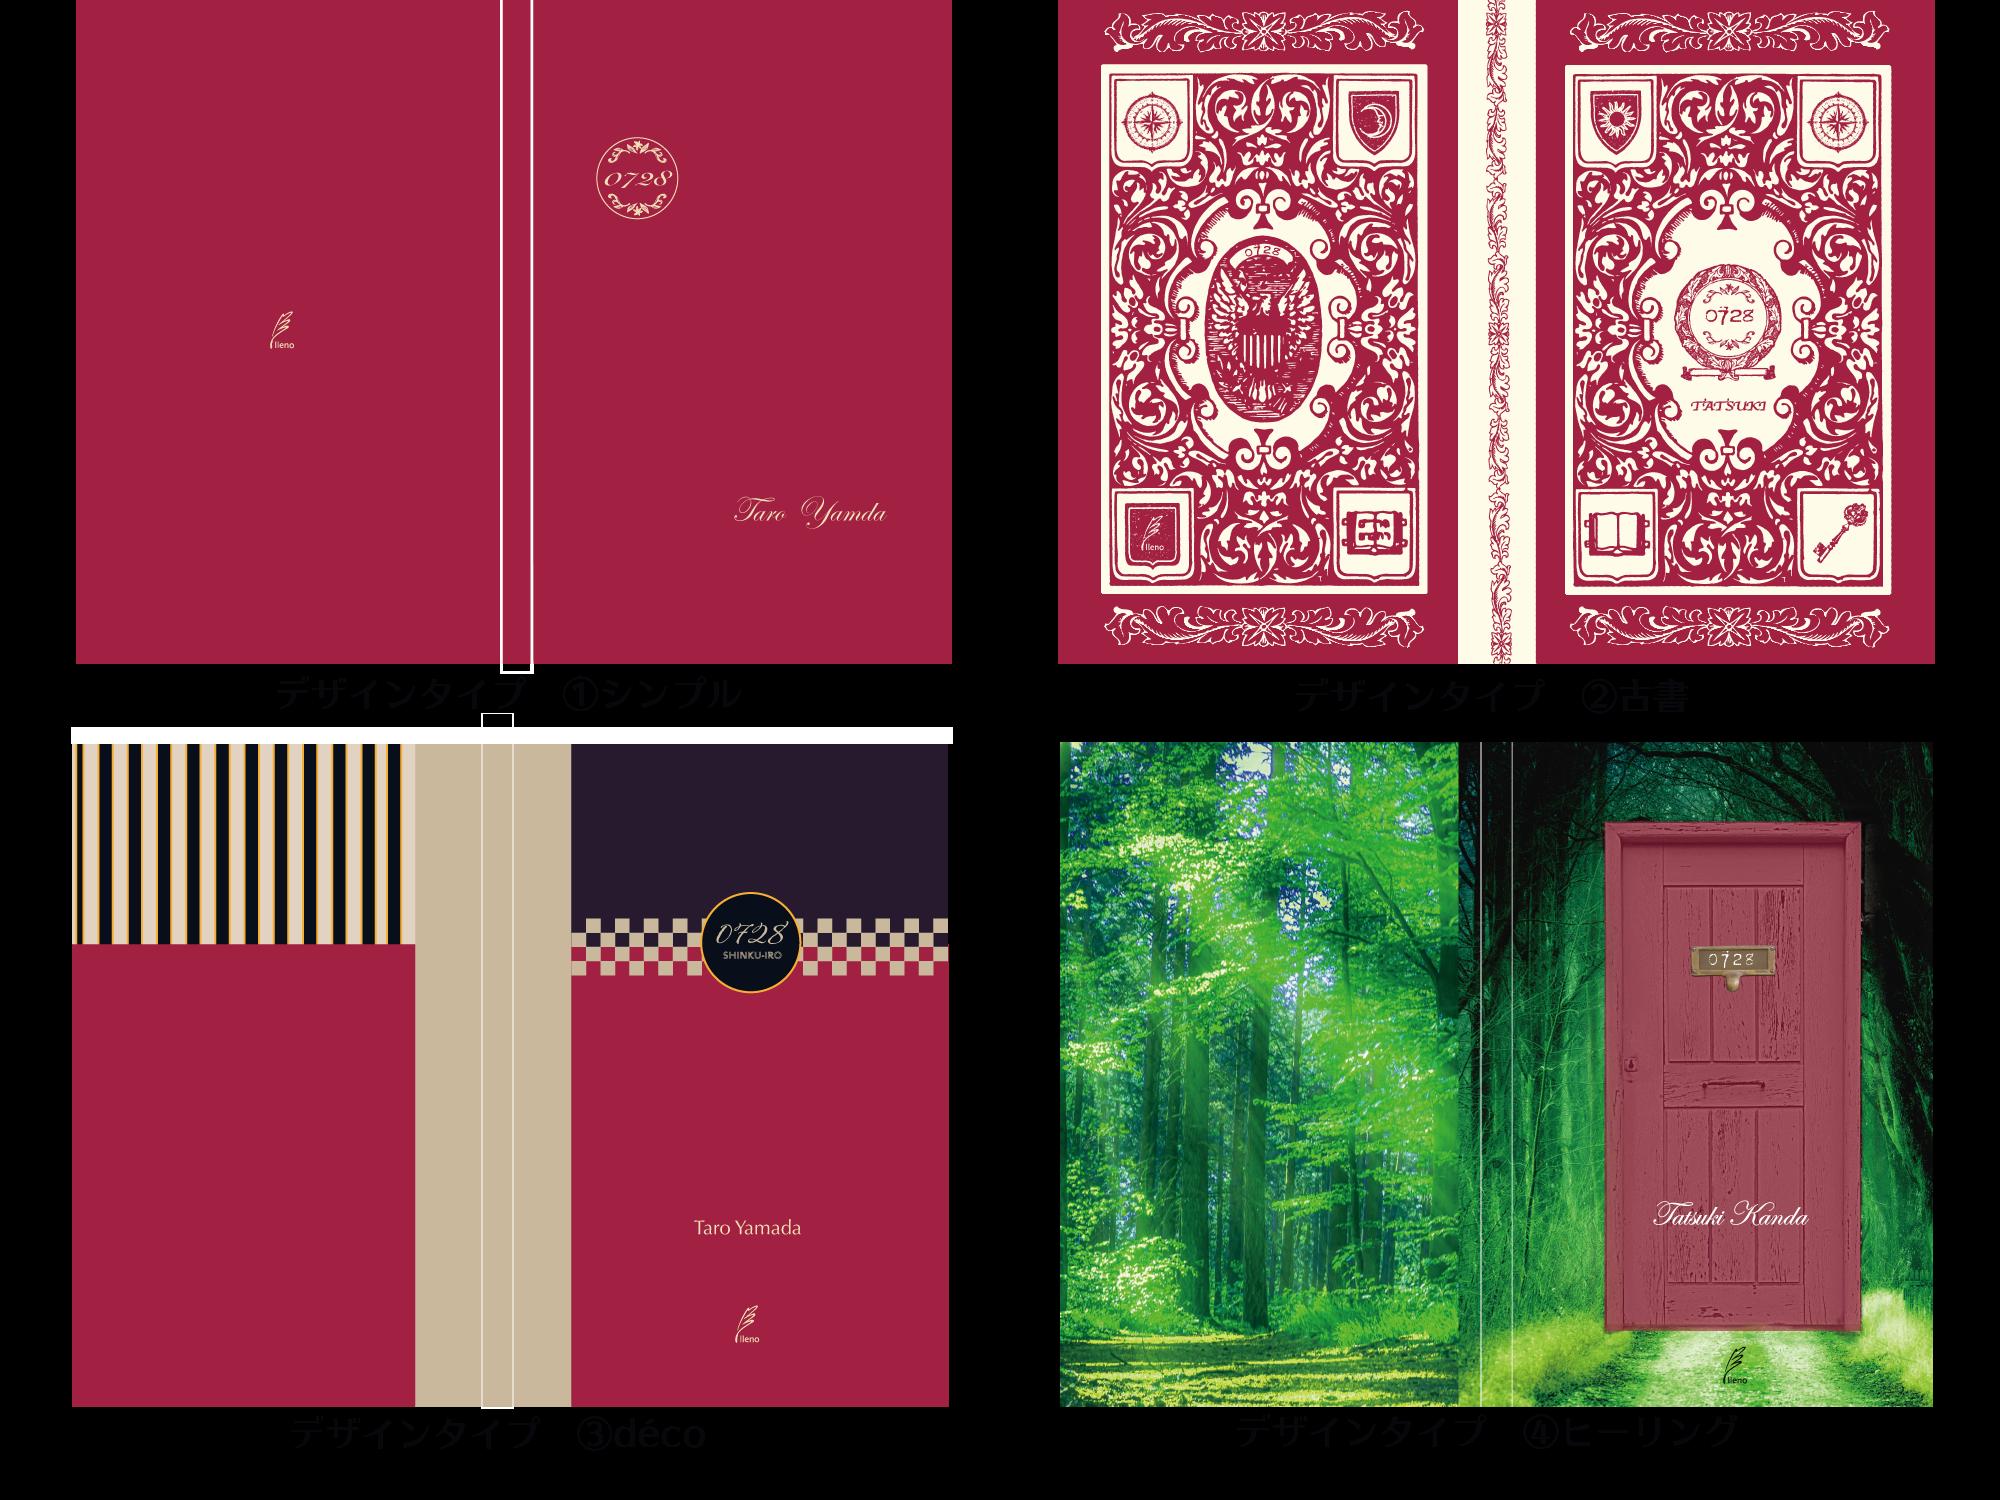 運命のノート『7月28日 深紅色』(鑑定&メッセージカード付)